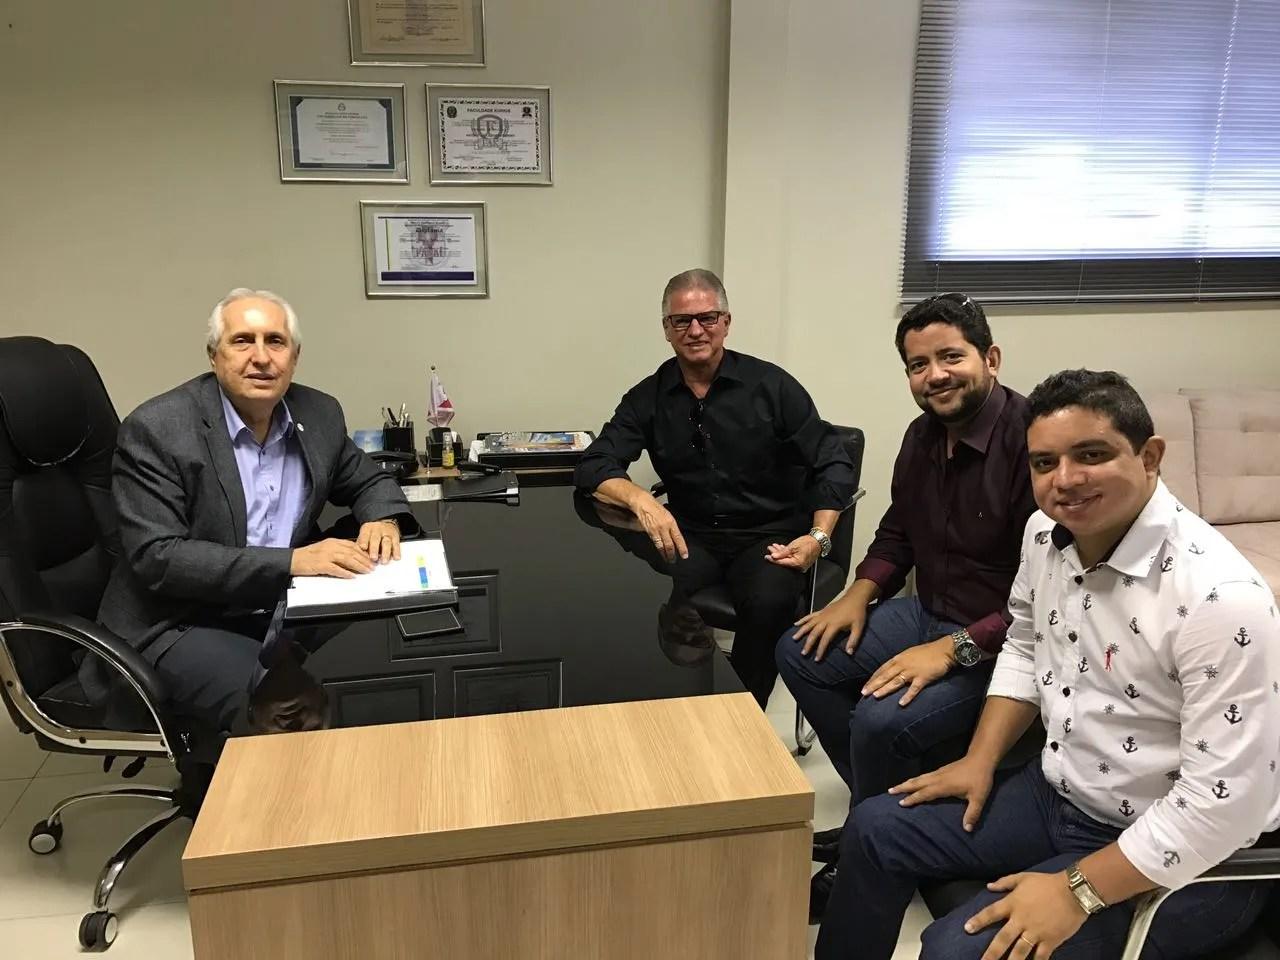 FABAD inaugura nova unidade em Fortaleza, no Ceará